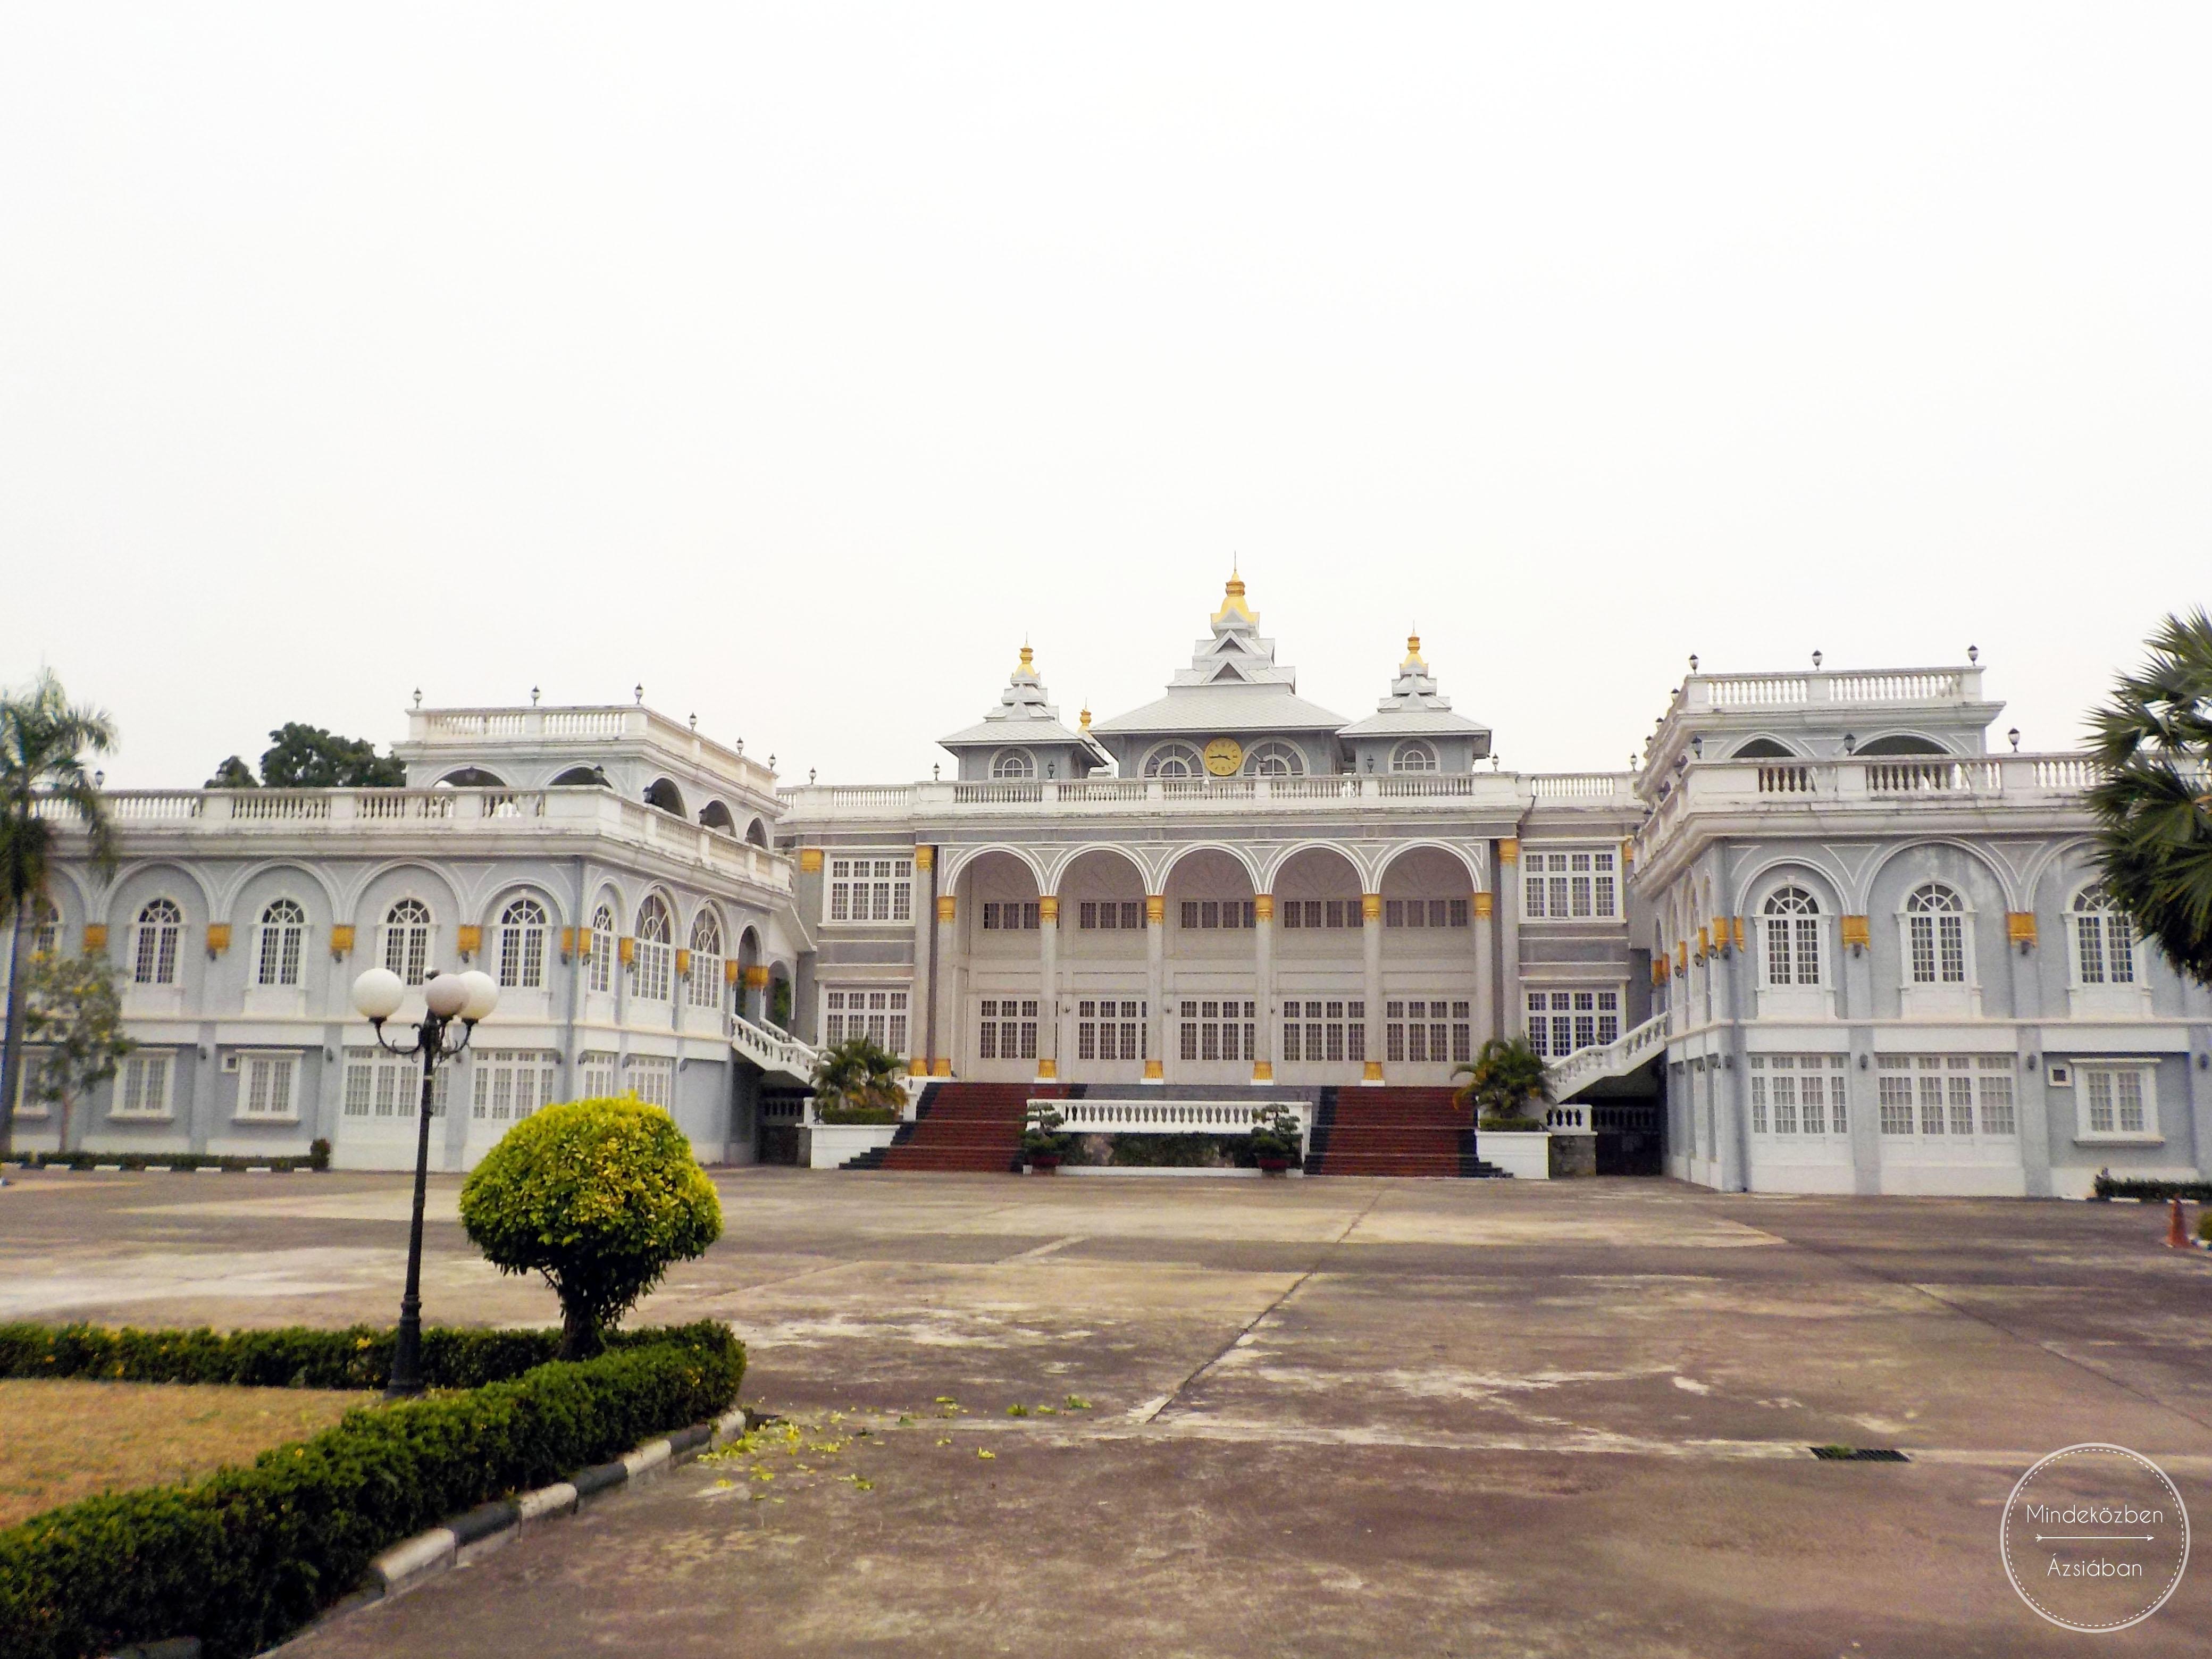 Elnöki palota, amelyben nem lakott az elnök.